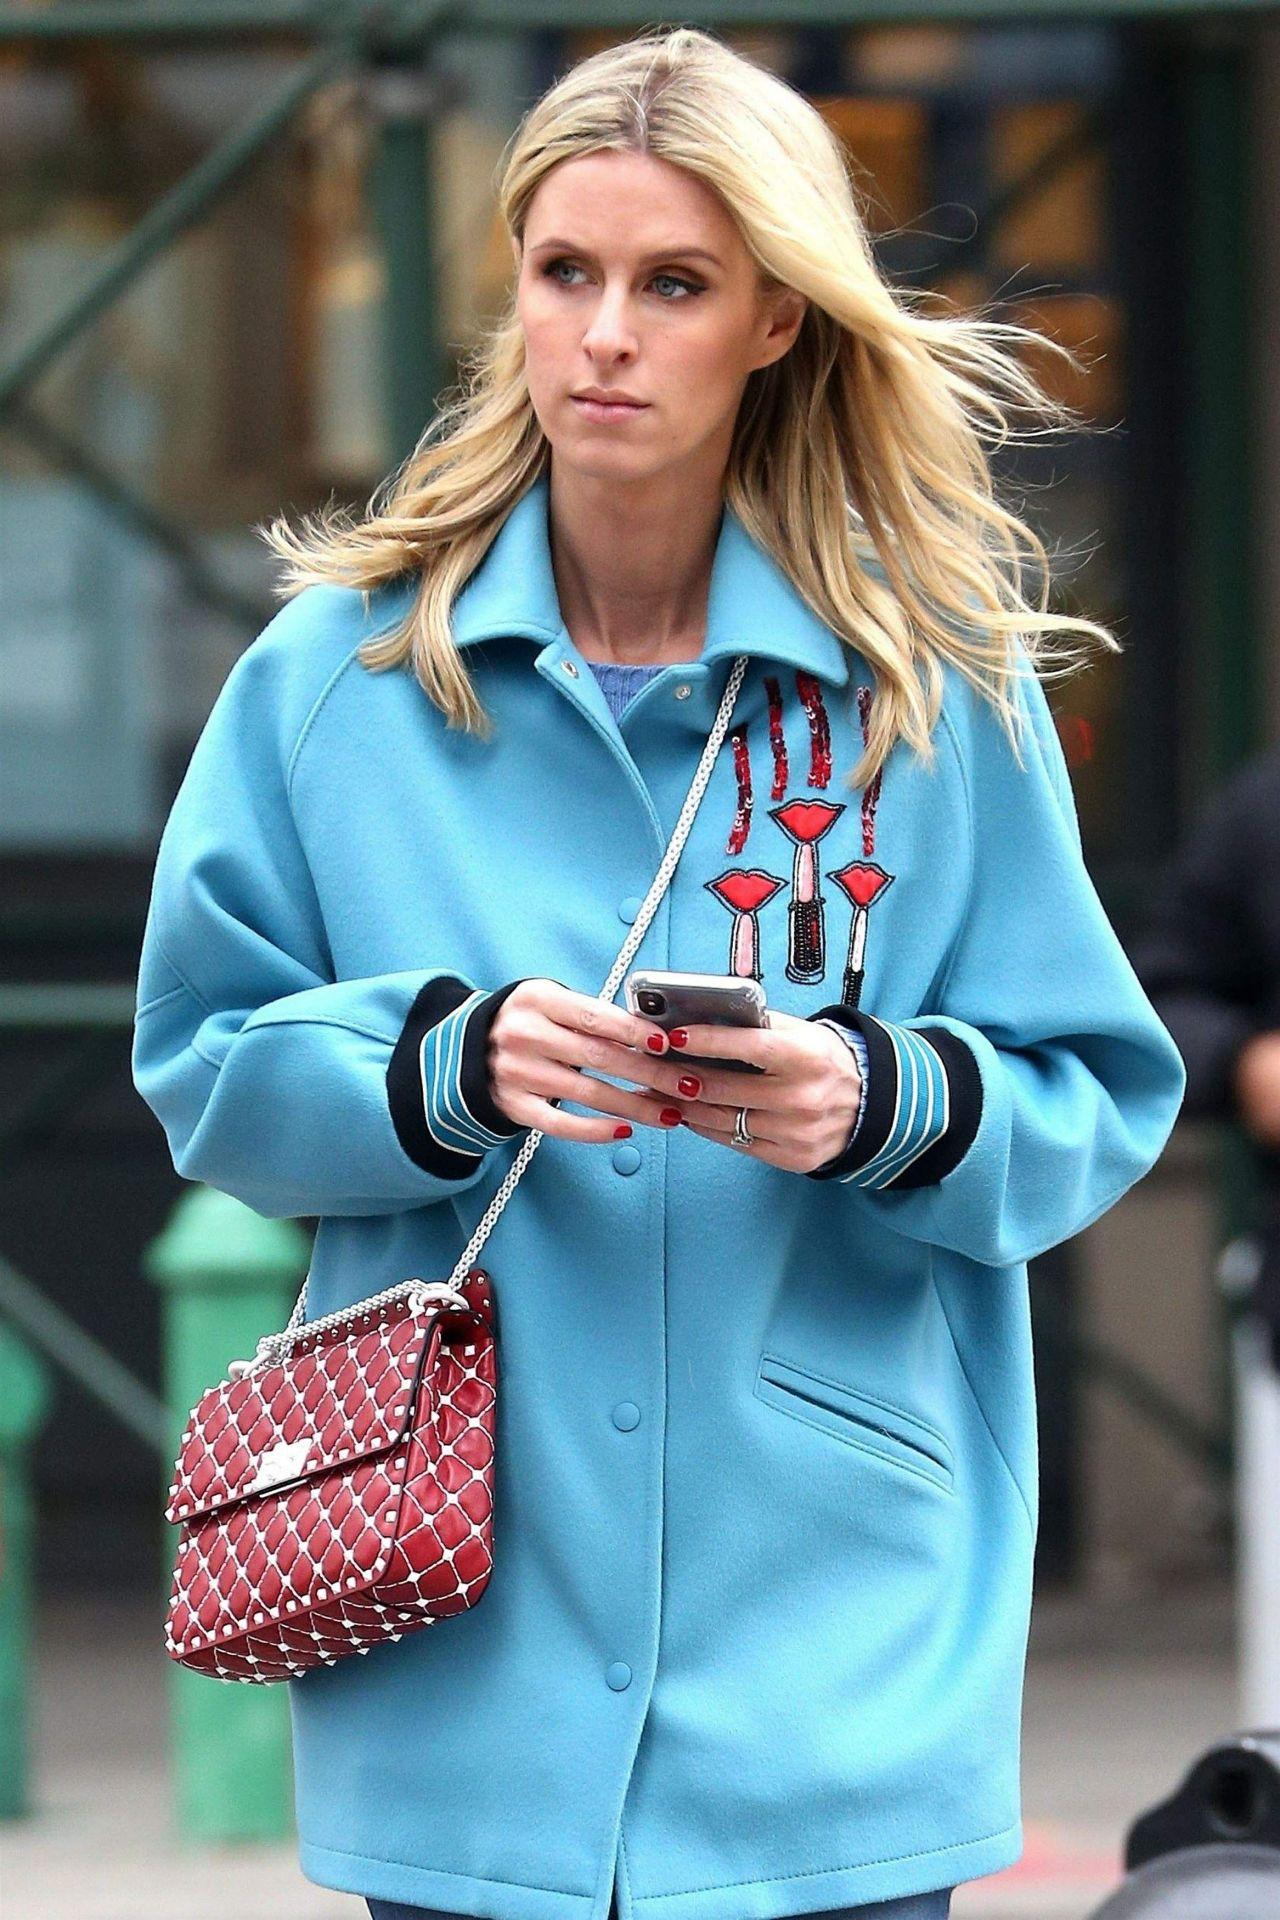 Nicky Hilton Street Style New York City 02 14 2018